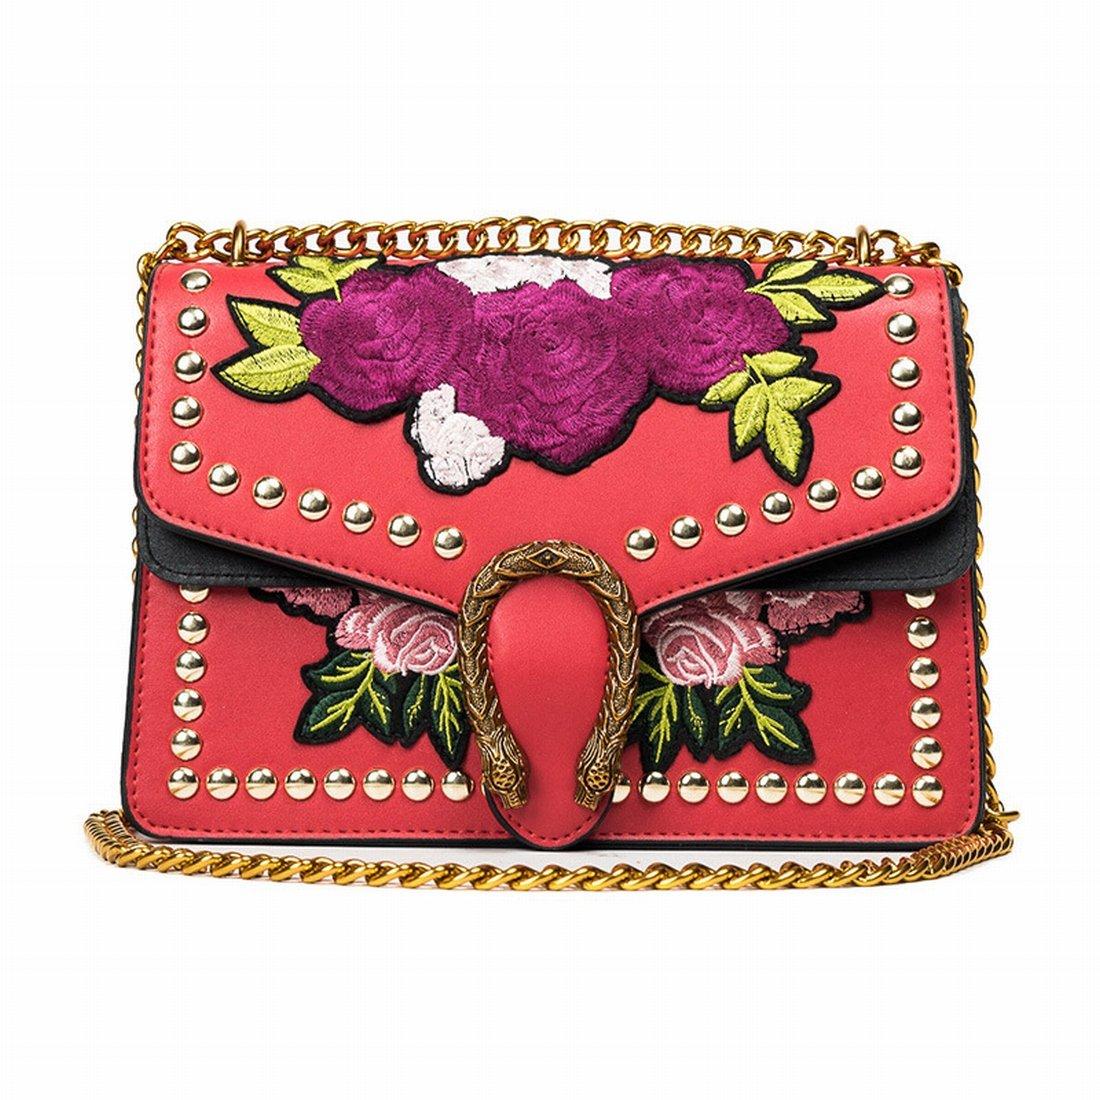 Weiblich betroffen Farbe Blume Wein Götter Paket Umhängetasche Mode Einfache Kette schräg Paket